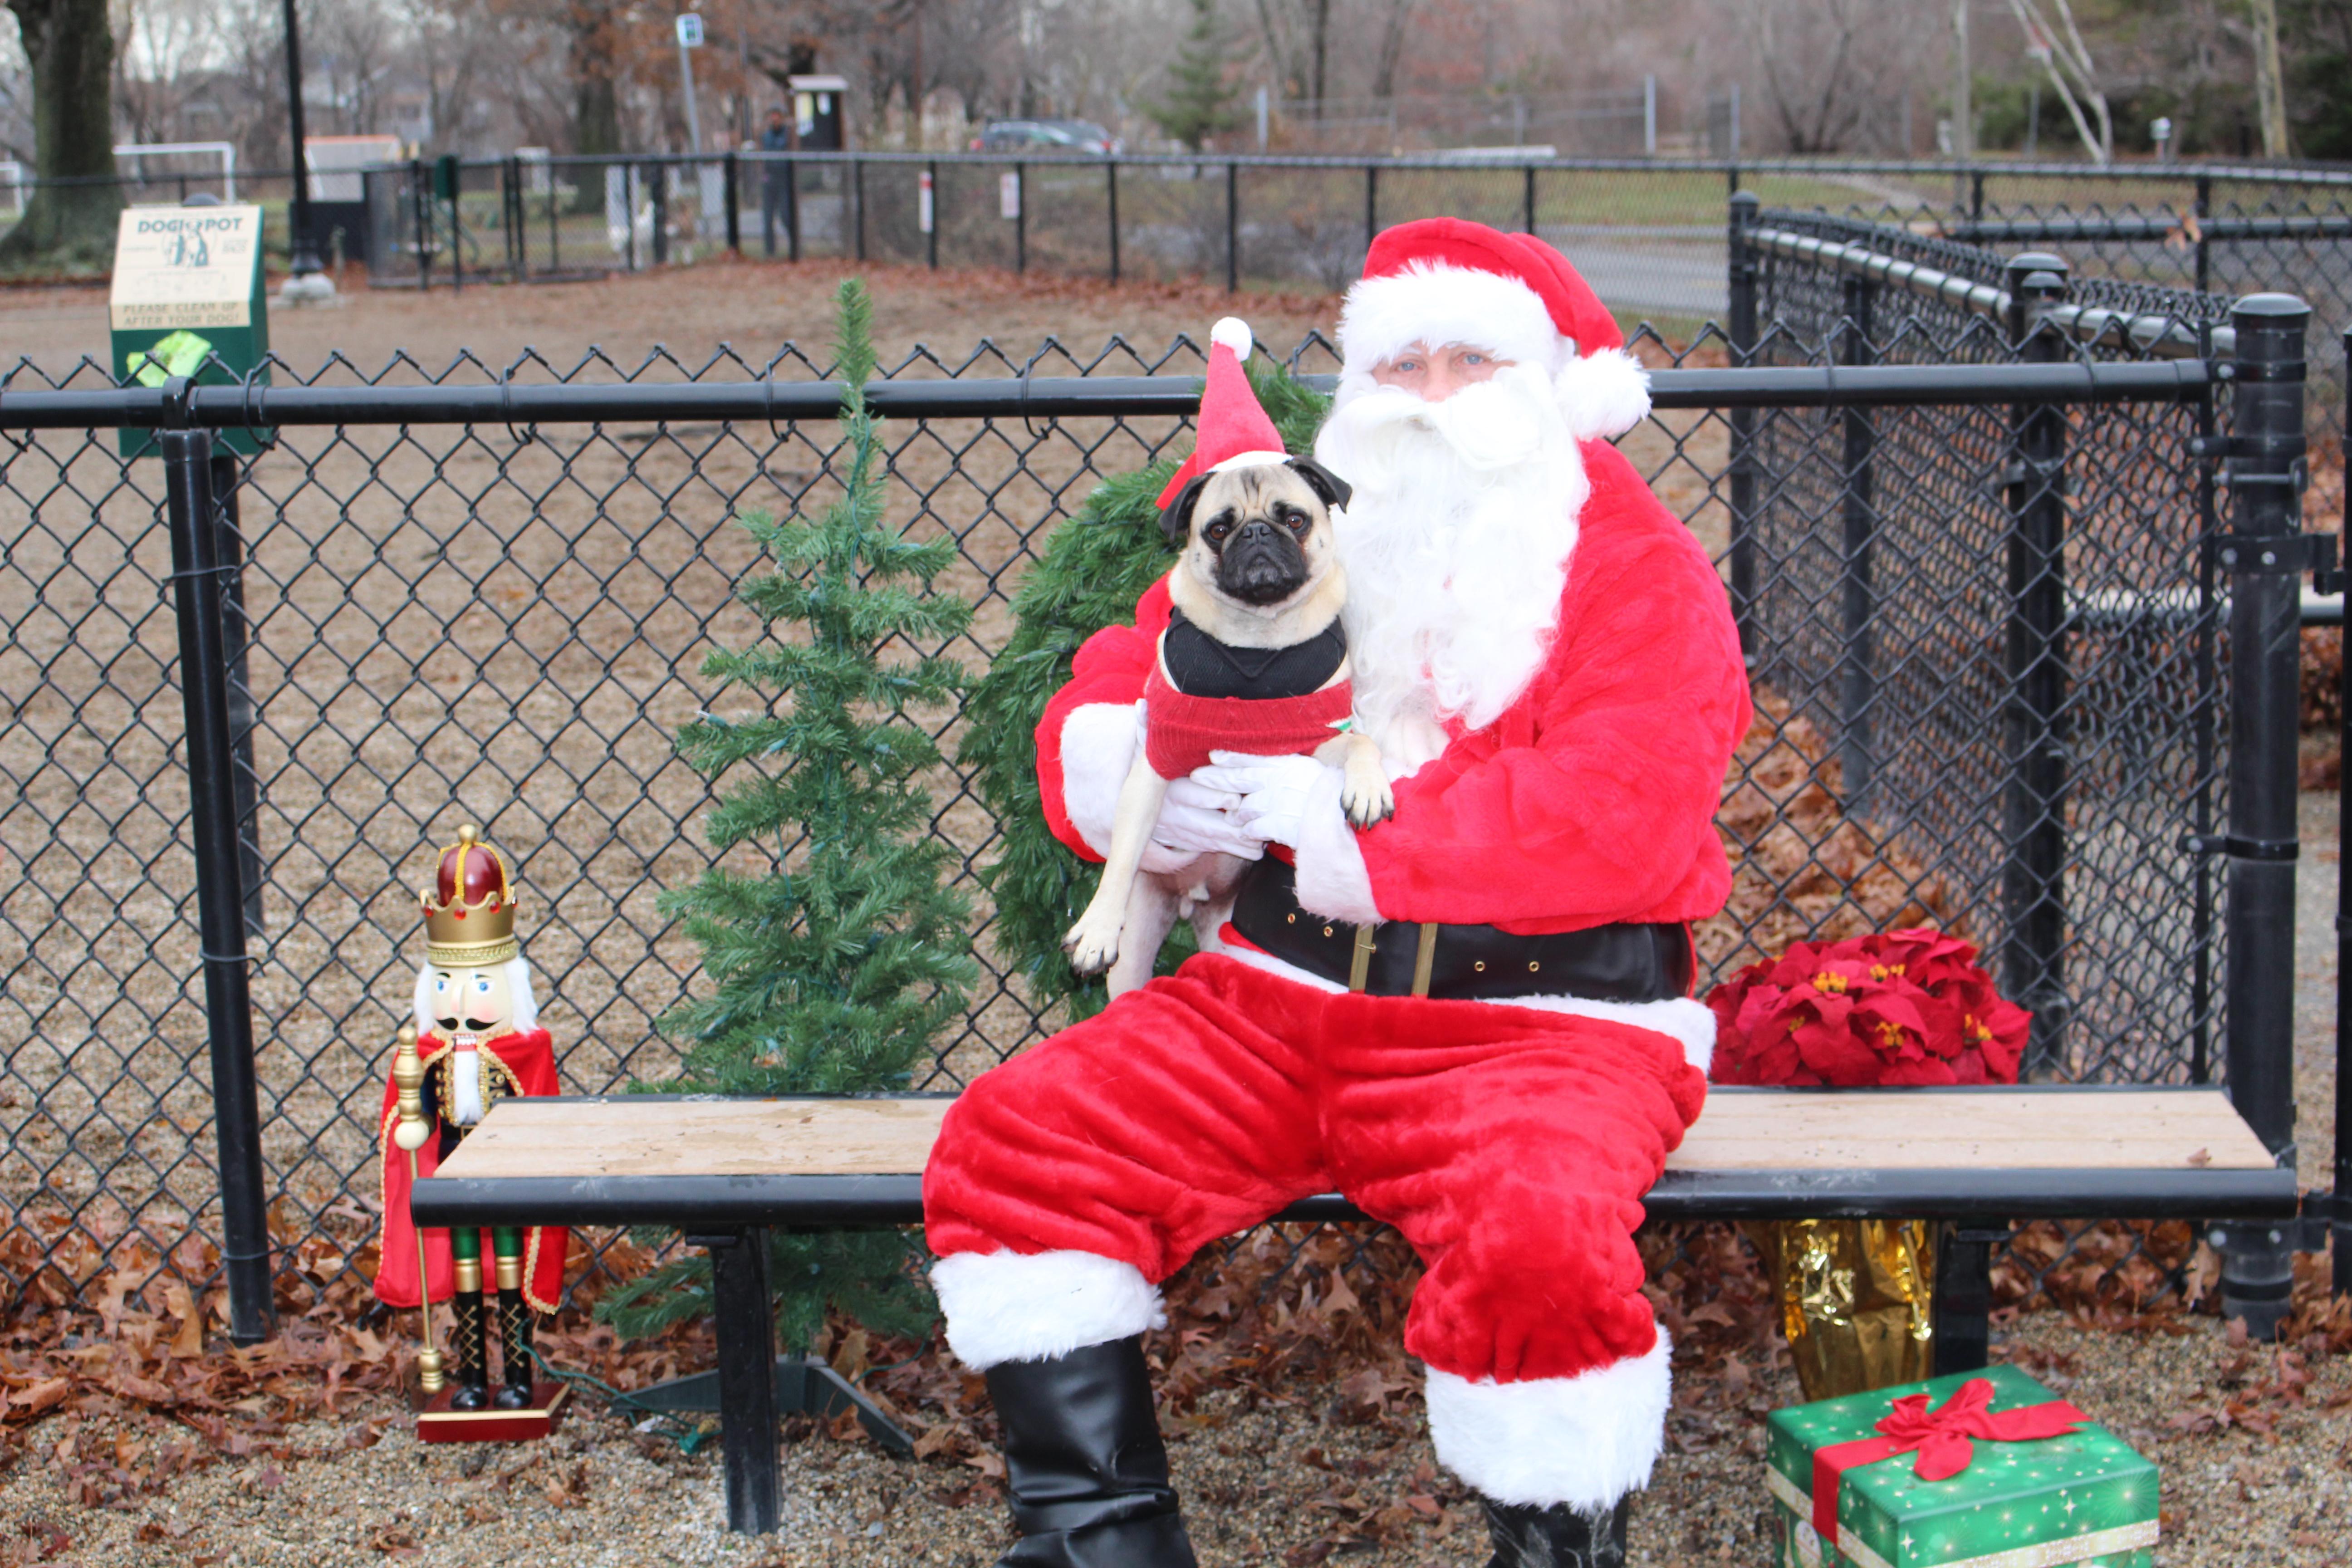 Santa Paws at Thorndike Field Dog Park